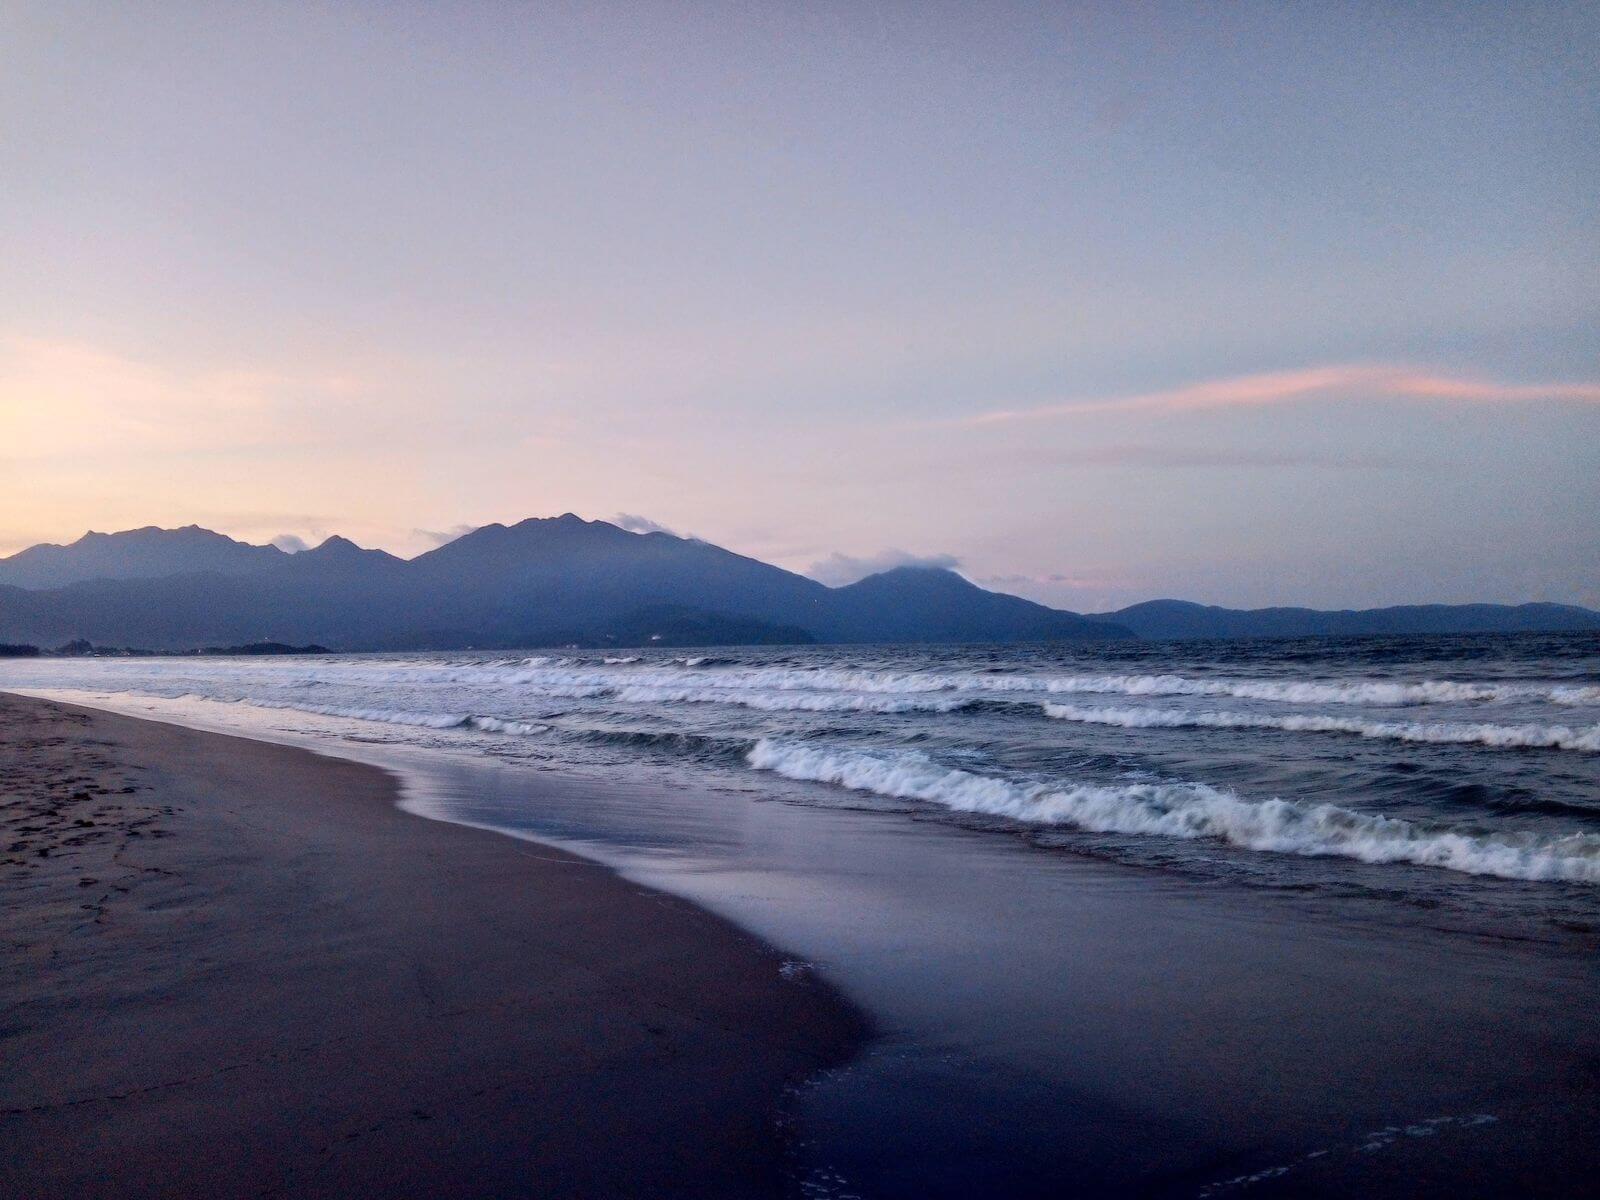 Фото Данангского залива